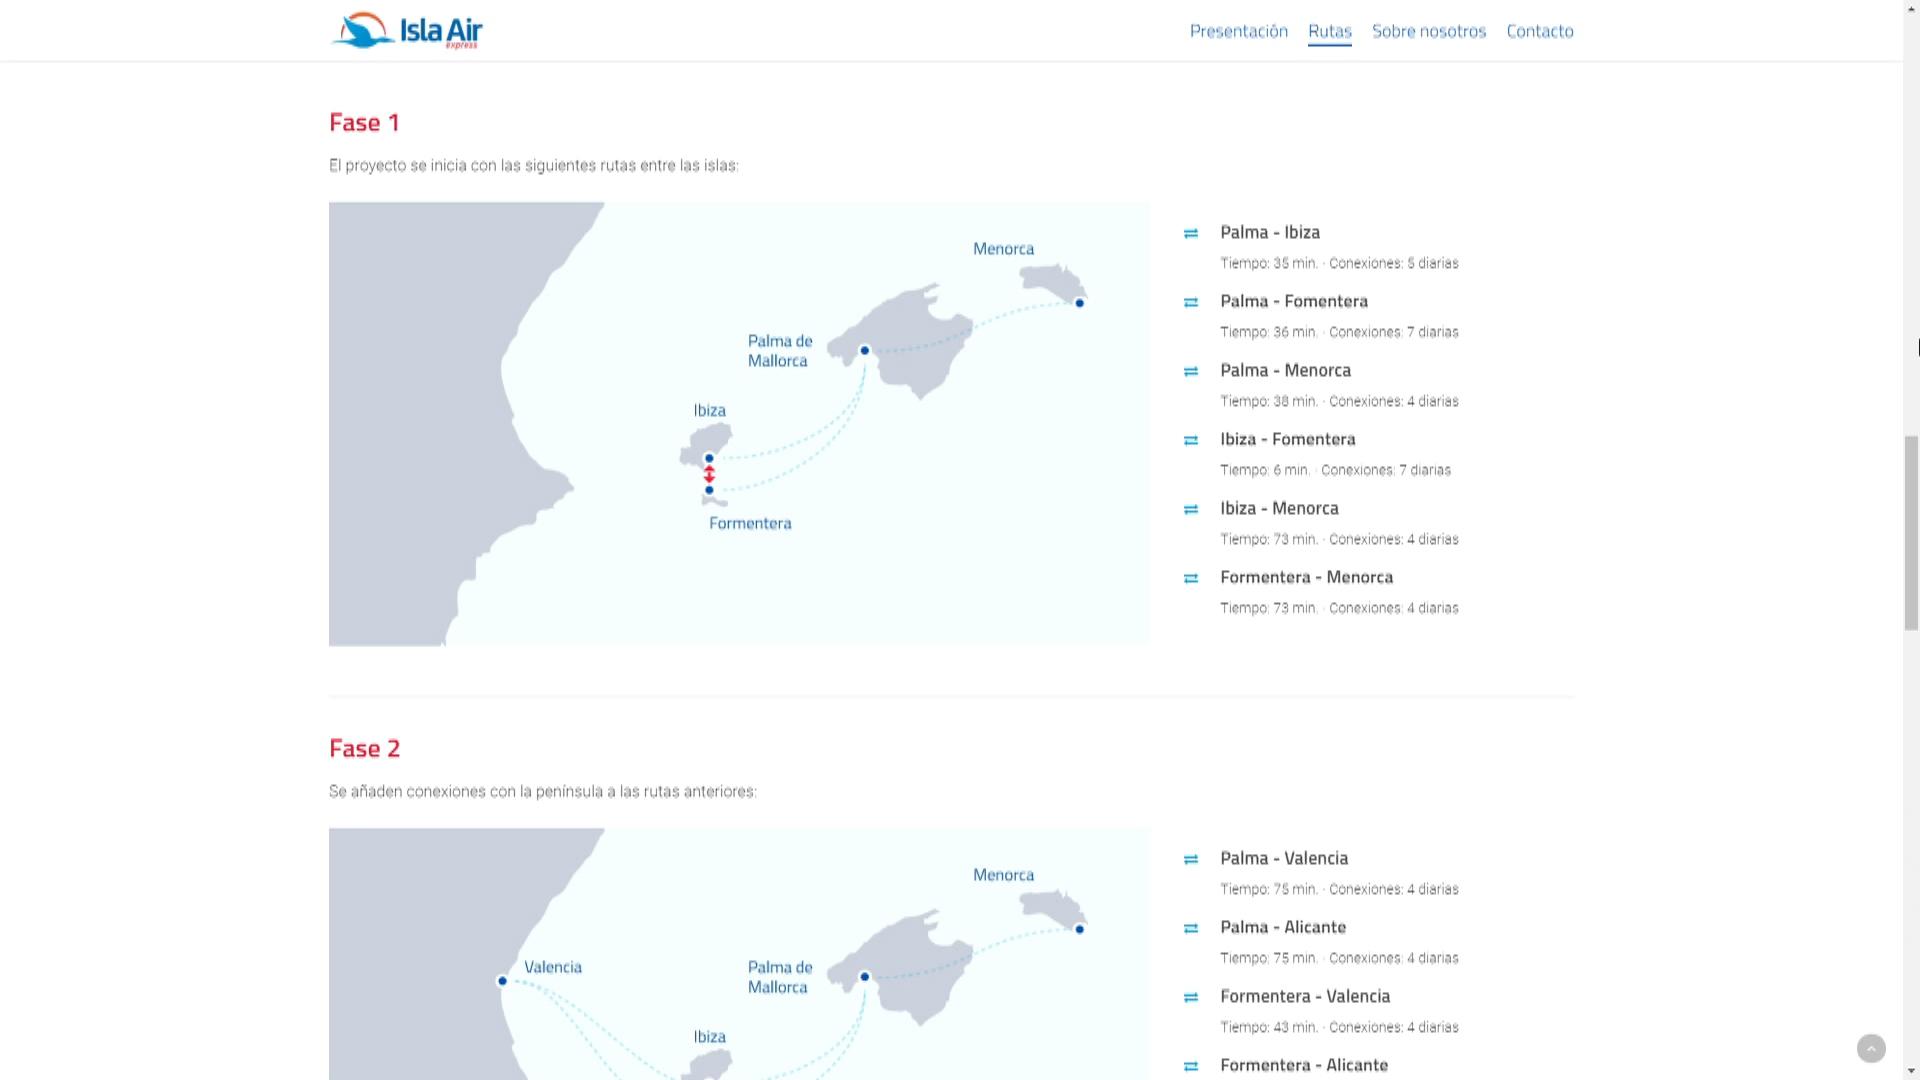 Una+companyia+proposa+connectar+les+Illes+amb+hidroavions